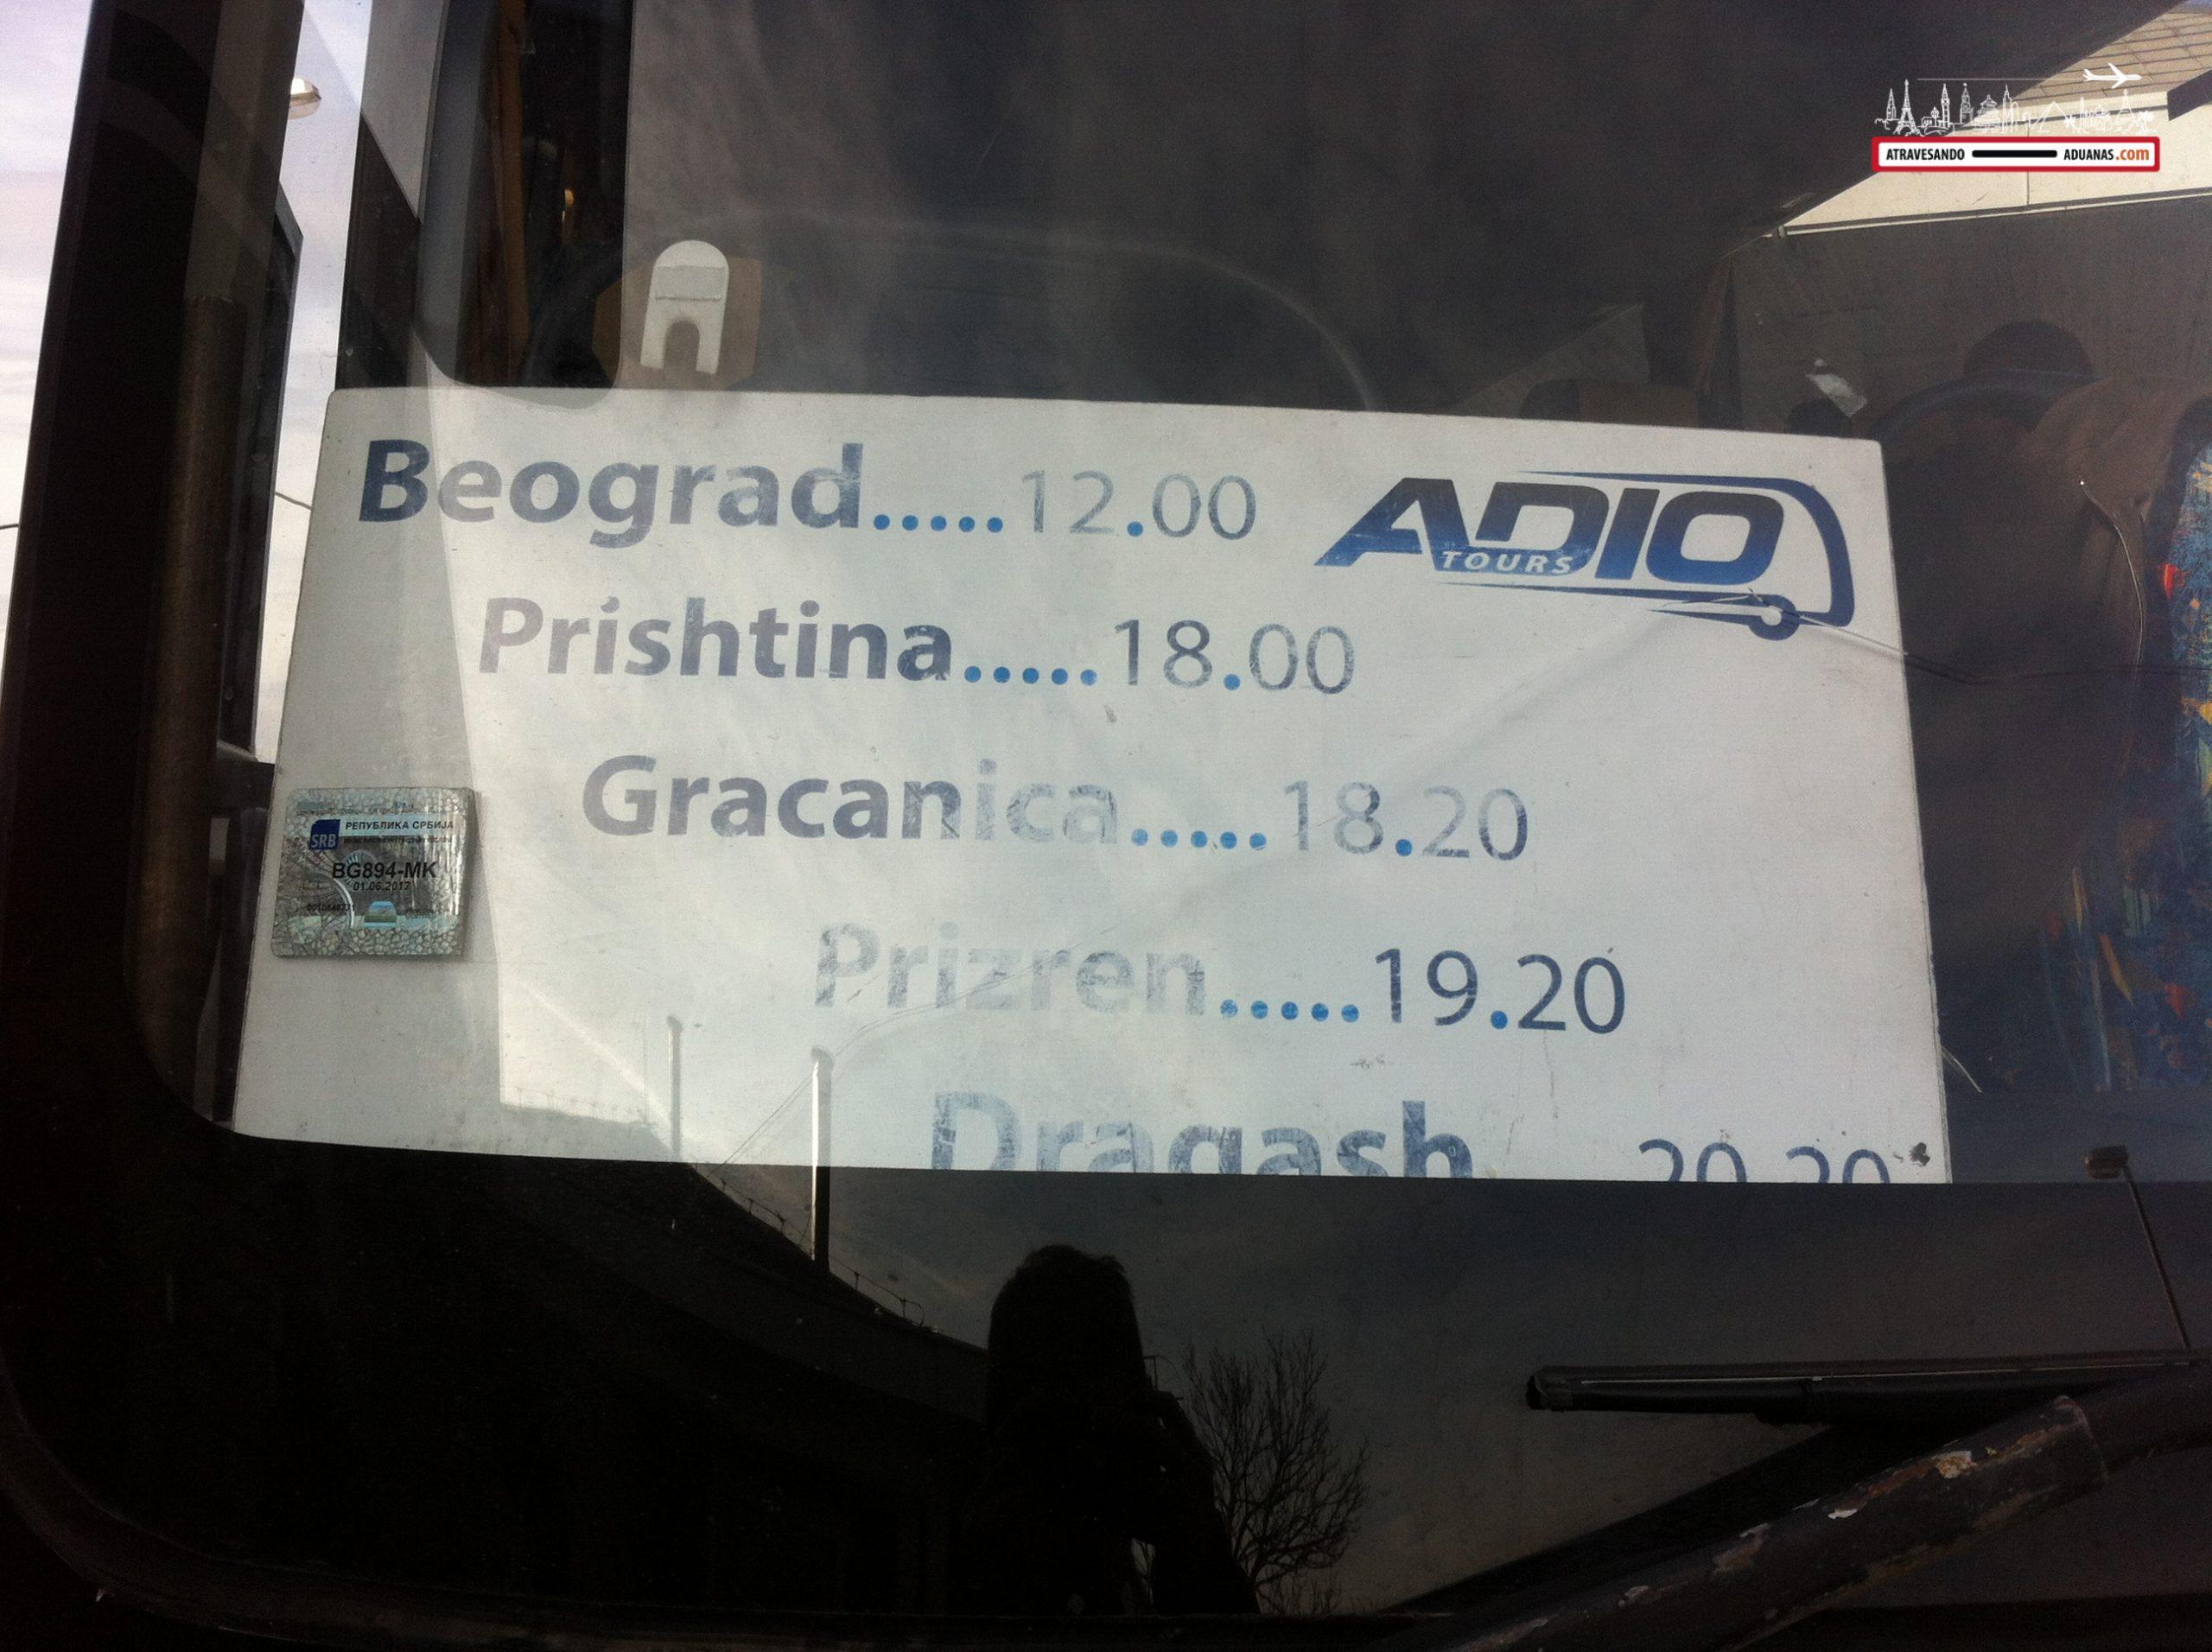 Autobús que me llevó de Belgrado a Prishtina